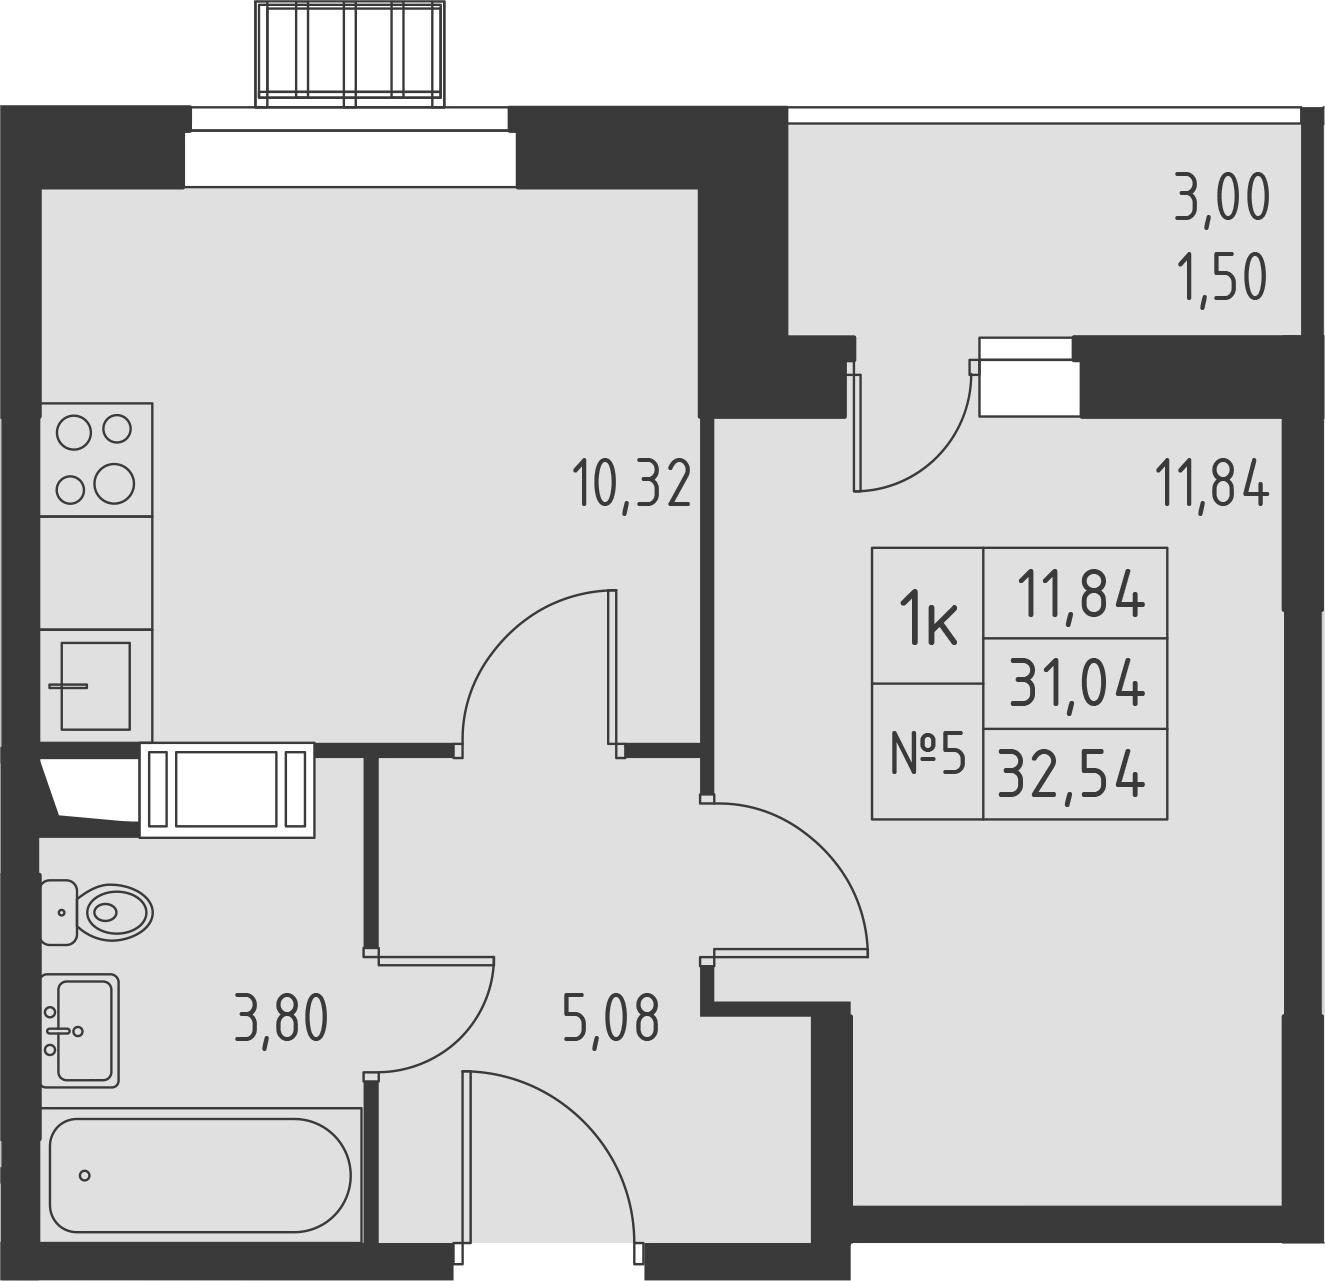 1-к.кв, 32.54 м², 4 этаж